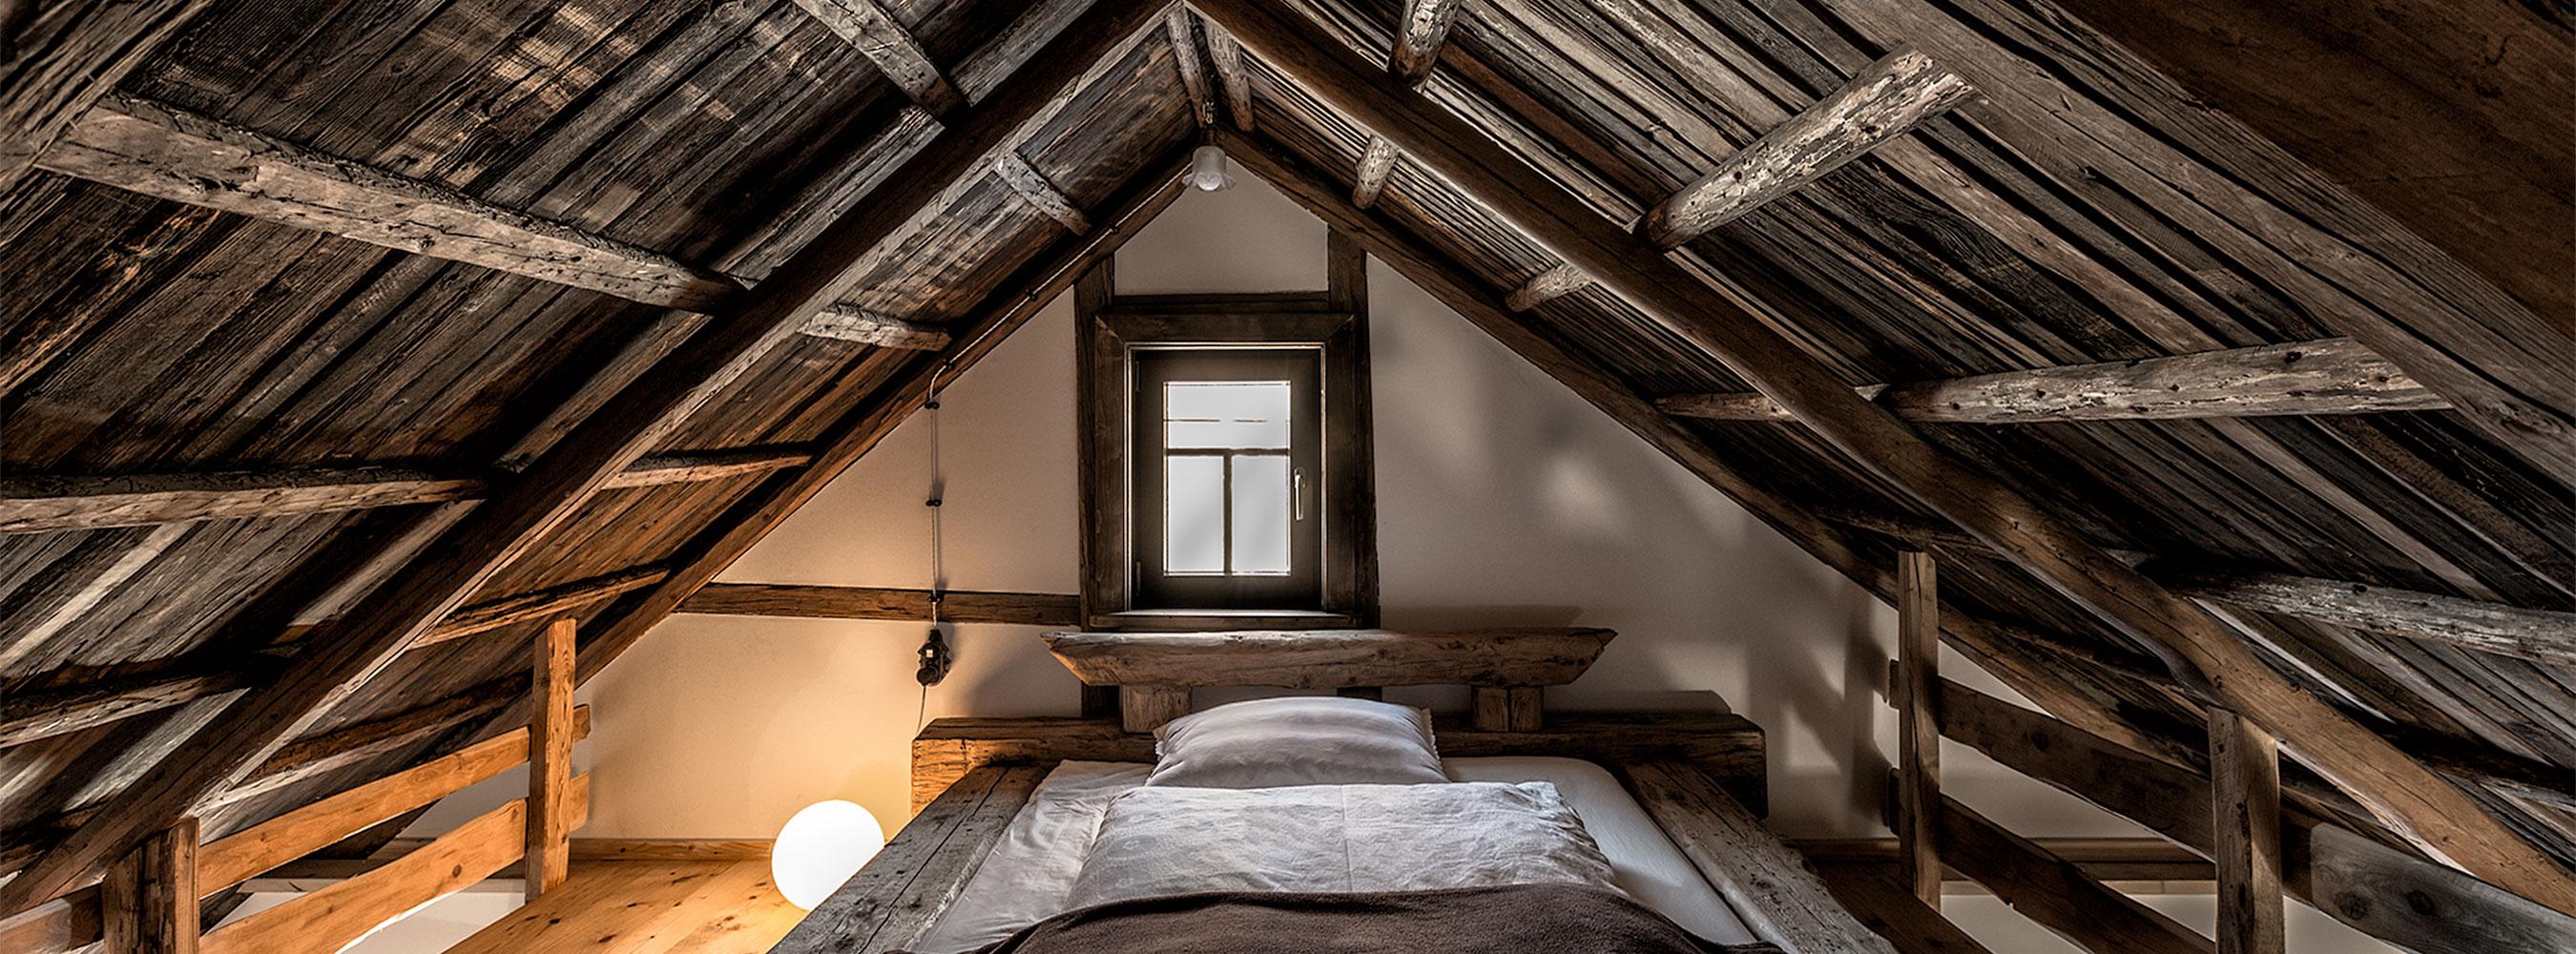 Berghütte Klingenthal Interieurfotografie